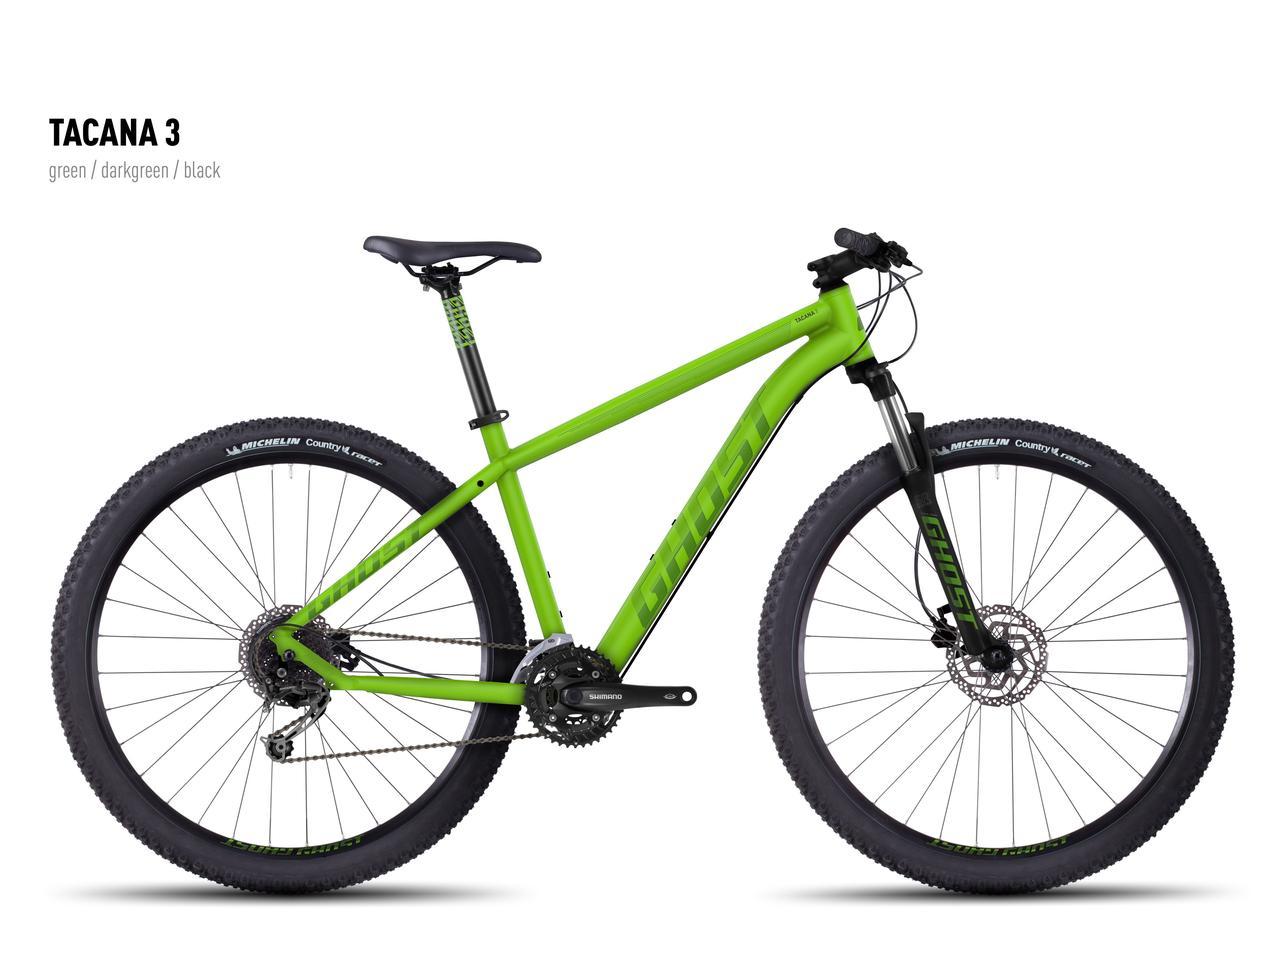 """Велосипед Ghost 29"""" Tacana3 2016 рамаL зеленый / темно-зеленый / черный 16TA4139"""